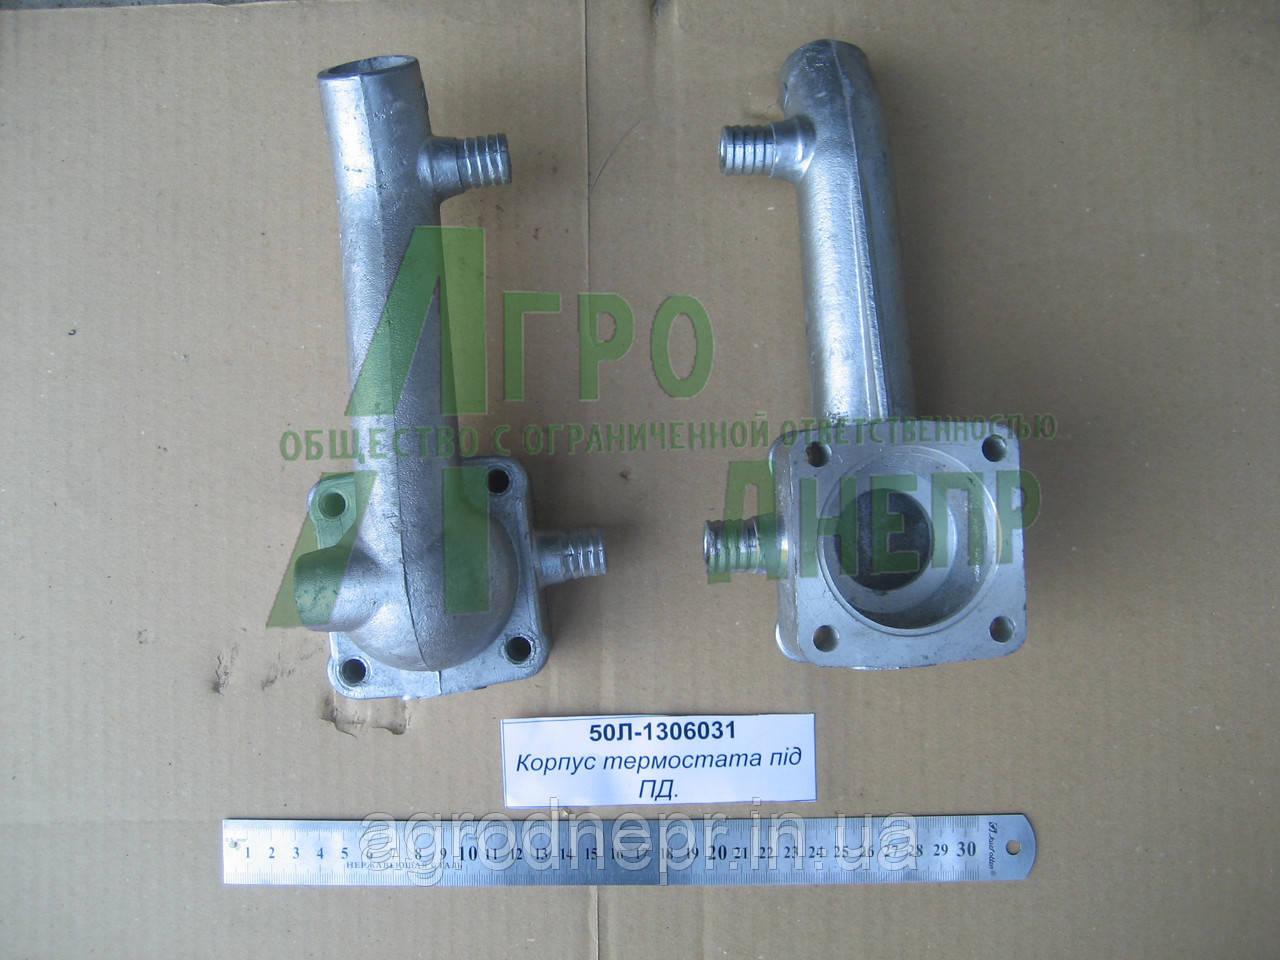 Корпус термостата под ПД-10 50Л-1306025 (240-1306035)